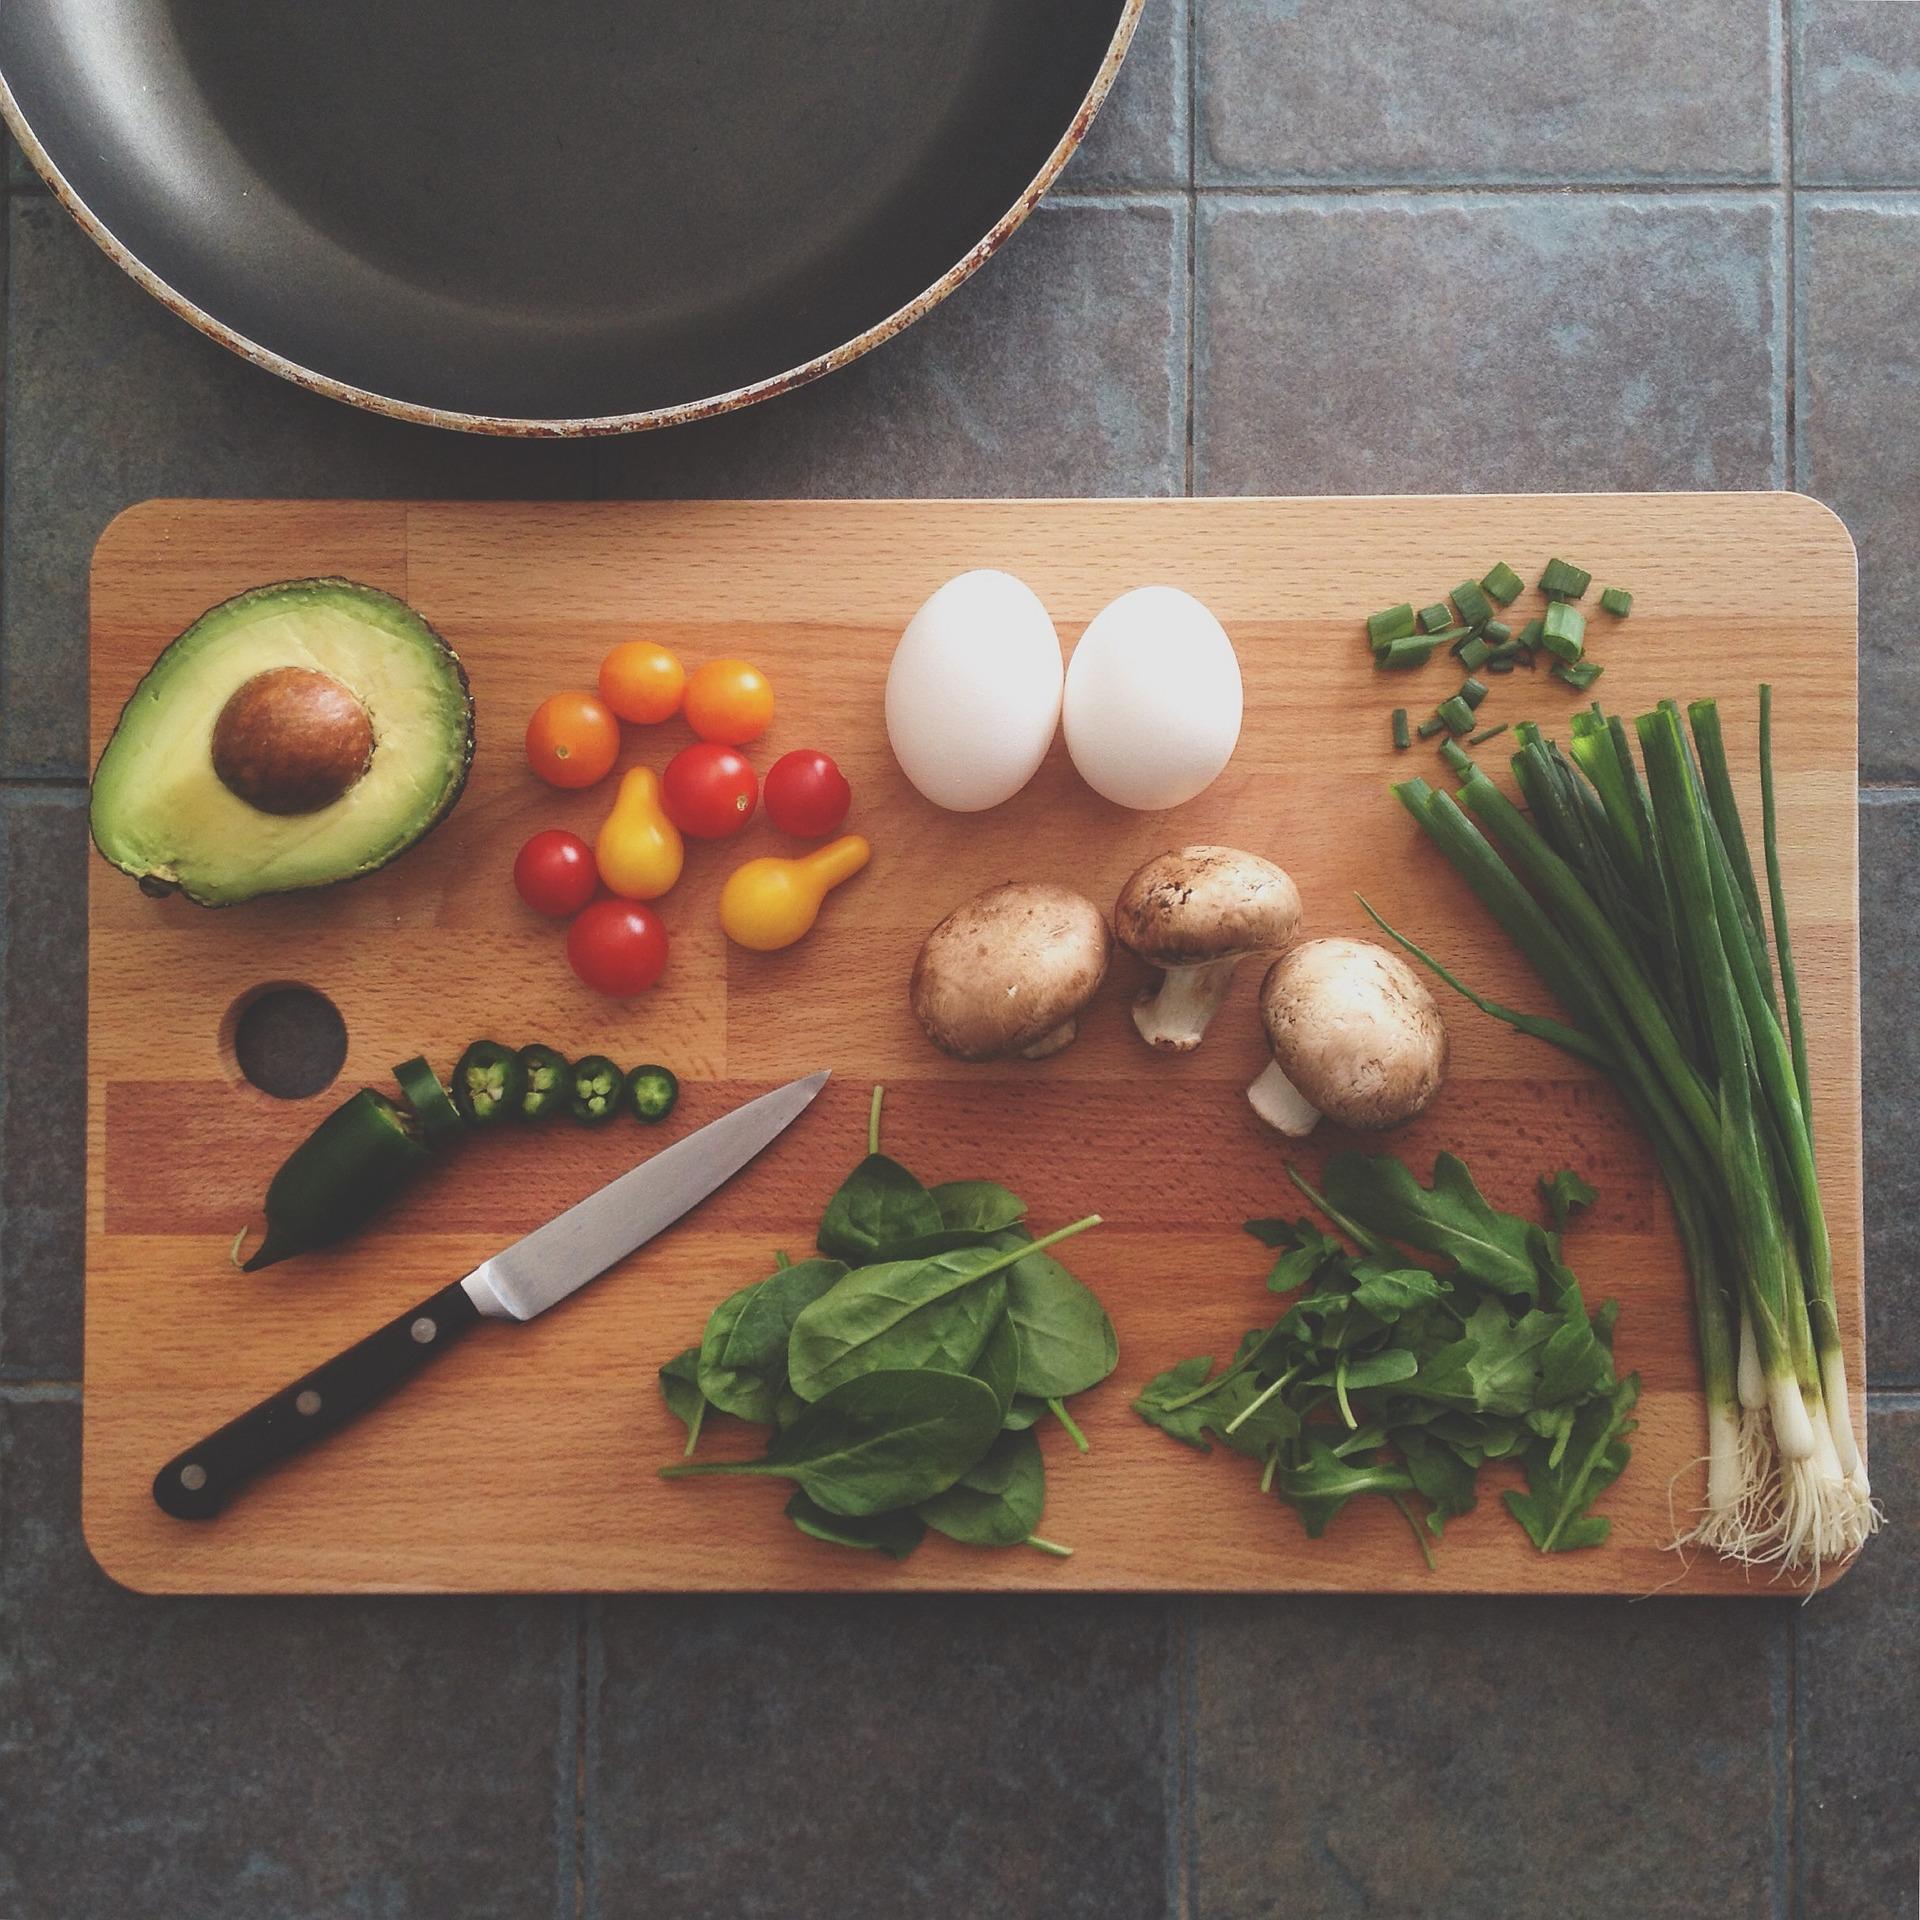 Lavkarbo middag oppskrift bilde